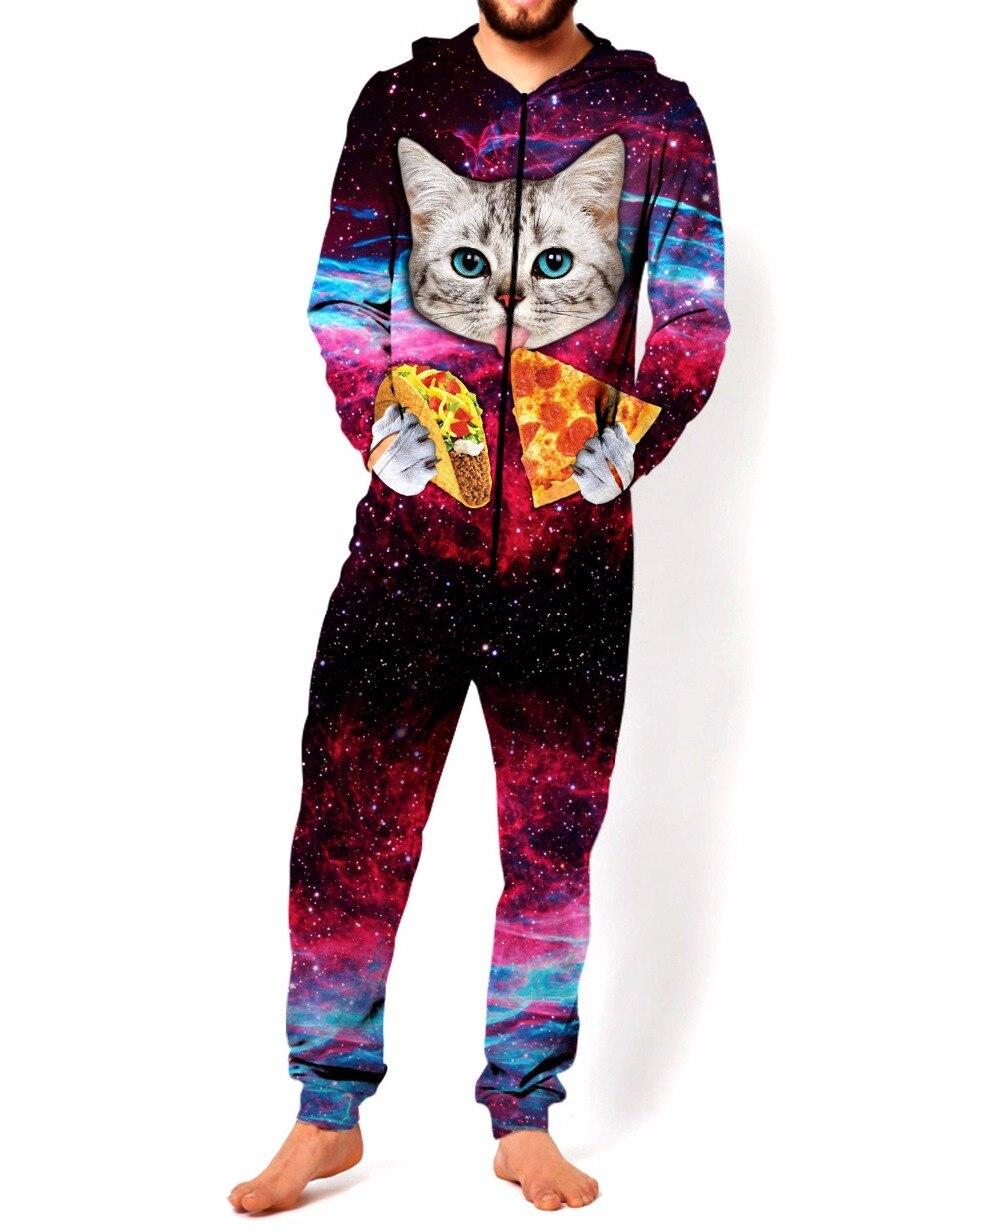 Taco Cat One piece suit Pizza Cat Jumpsuit fashion Galaxy cat with pizza one piece suit high quality Unisex jumpsuit drop ship